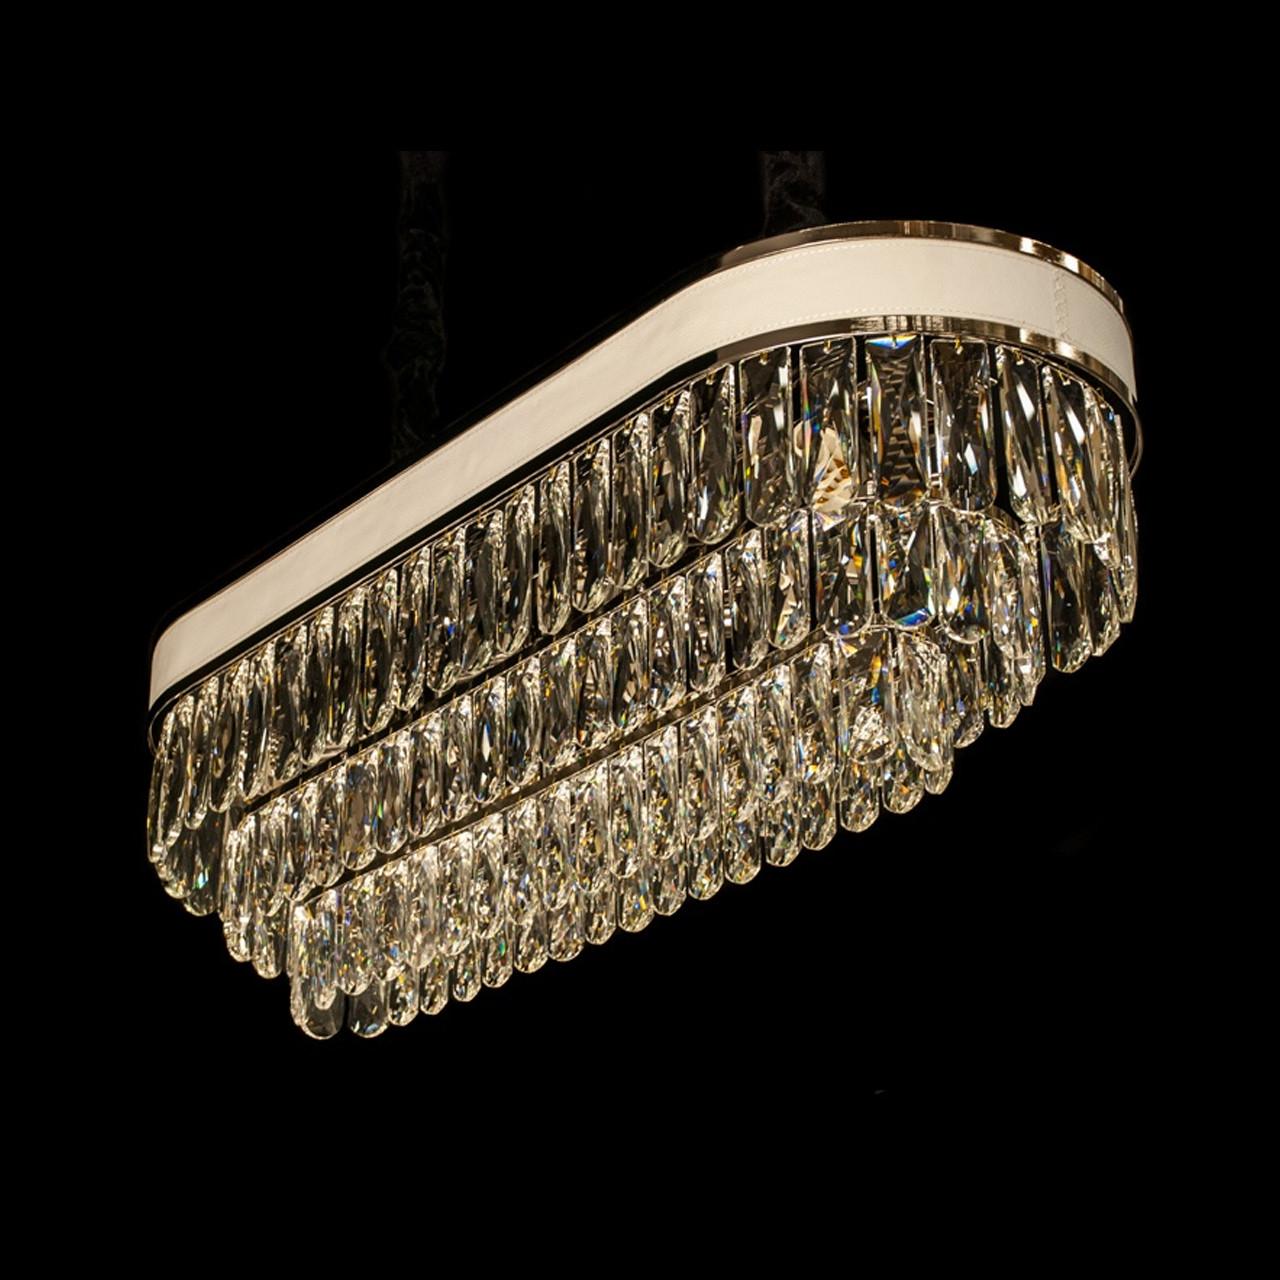 Овальная хрустальная люстра на цепи в стиле АртДеко каркас черный хром 80*30 см на 11 ламп Е14 D-9139-80x30BHR